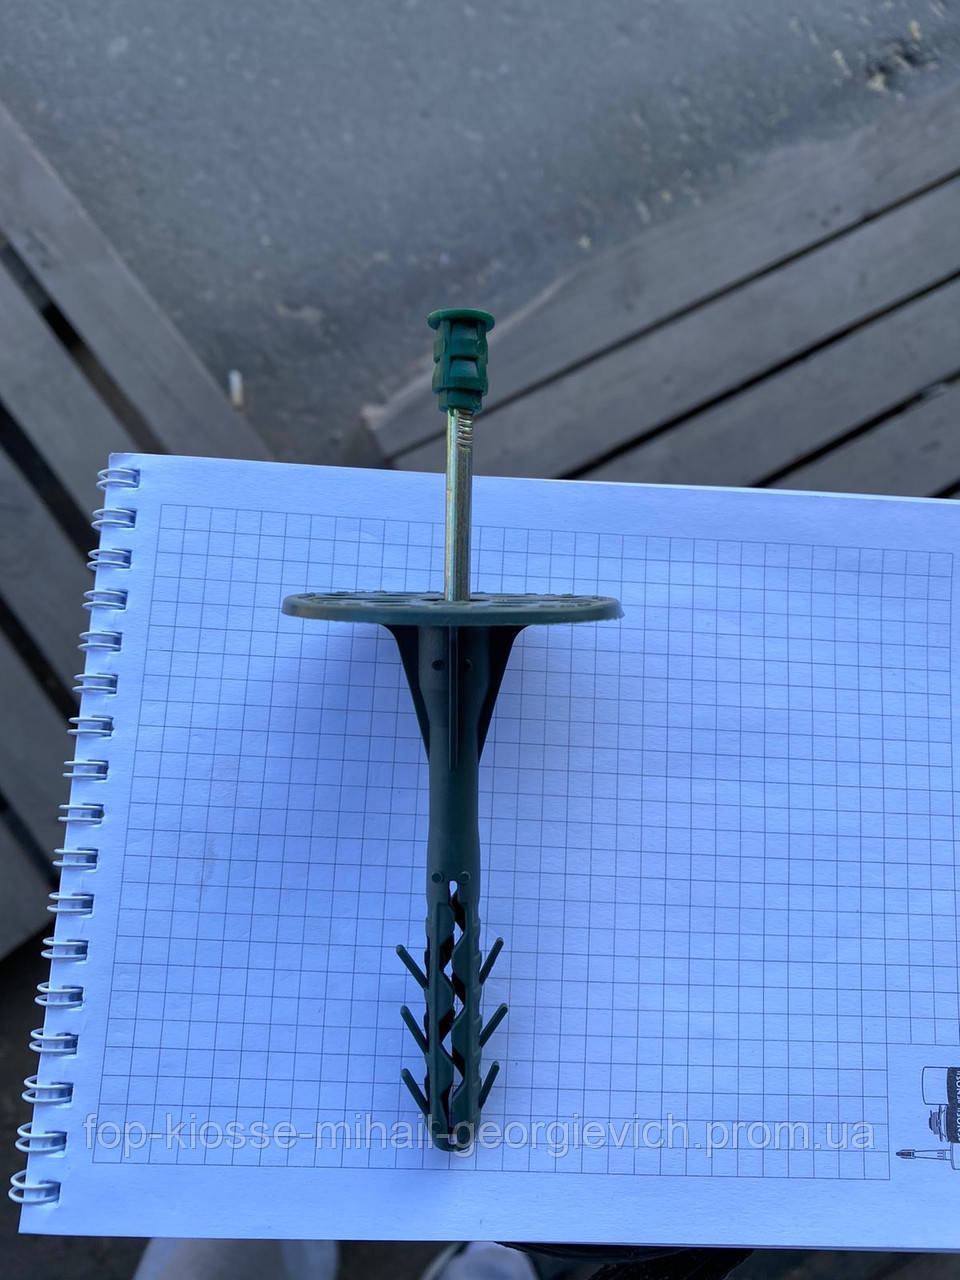 Дюбель для теплоізоляції 10х140 металевий цвях